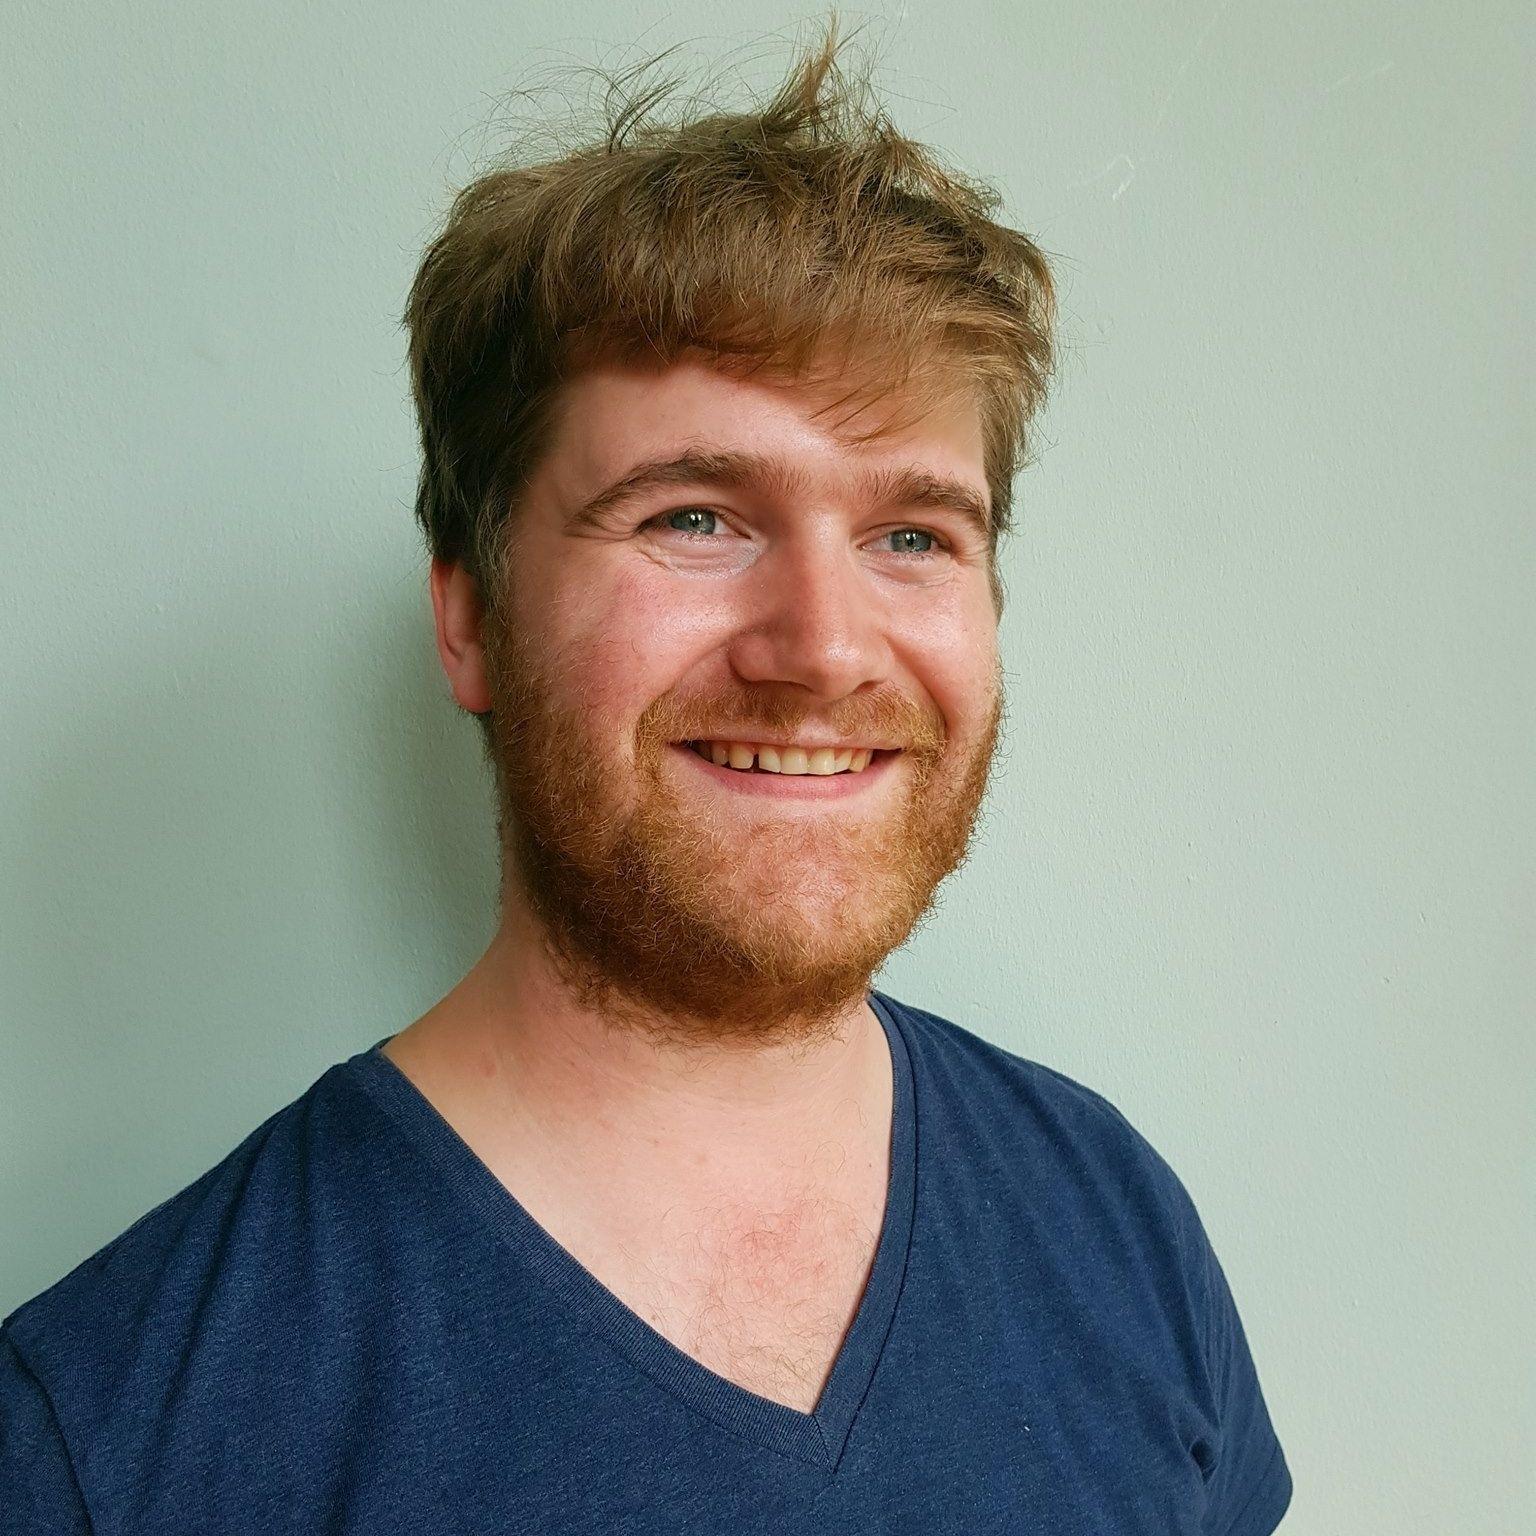 Luc de Groen nieuwe artistiek directeur van het Café Theater Festival